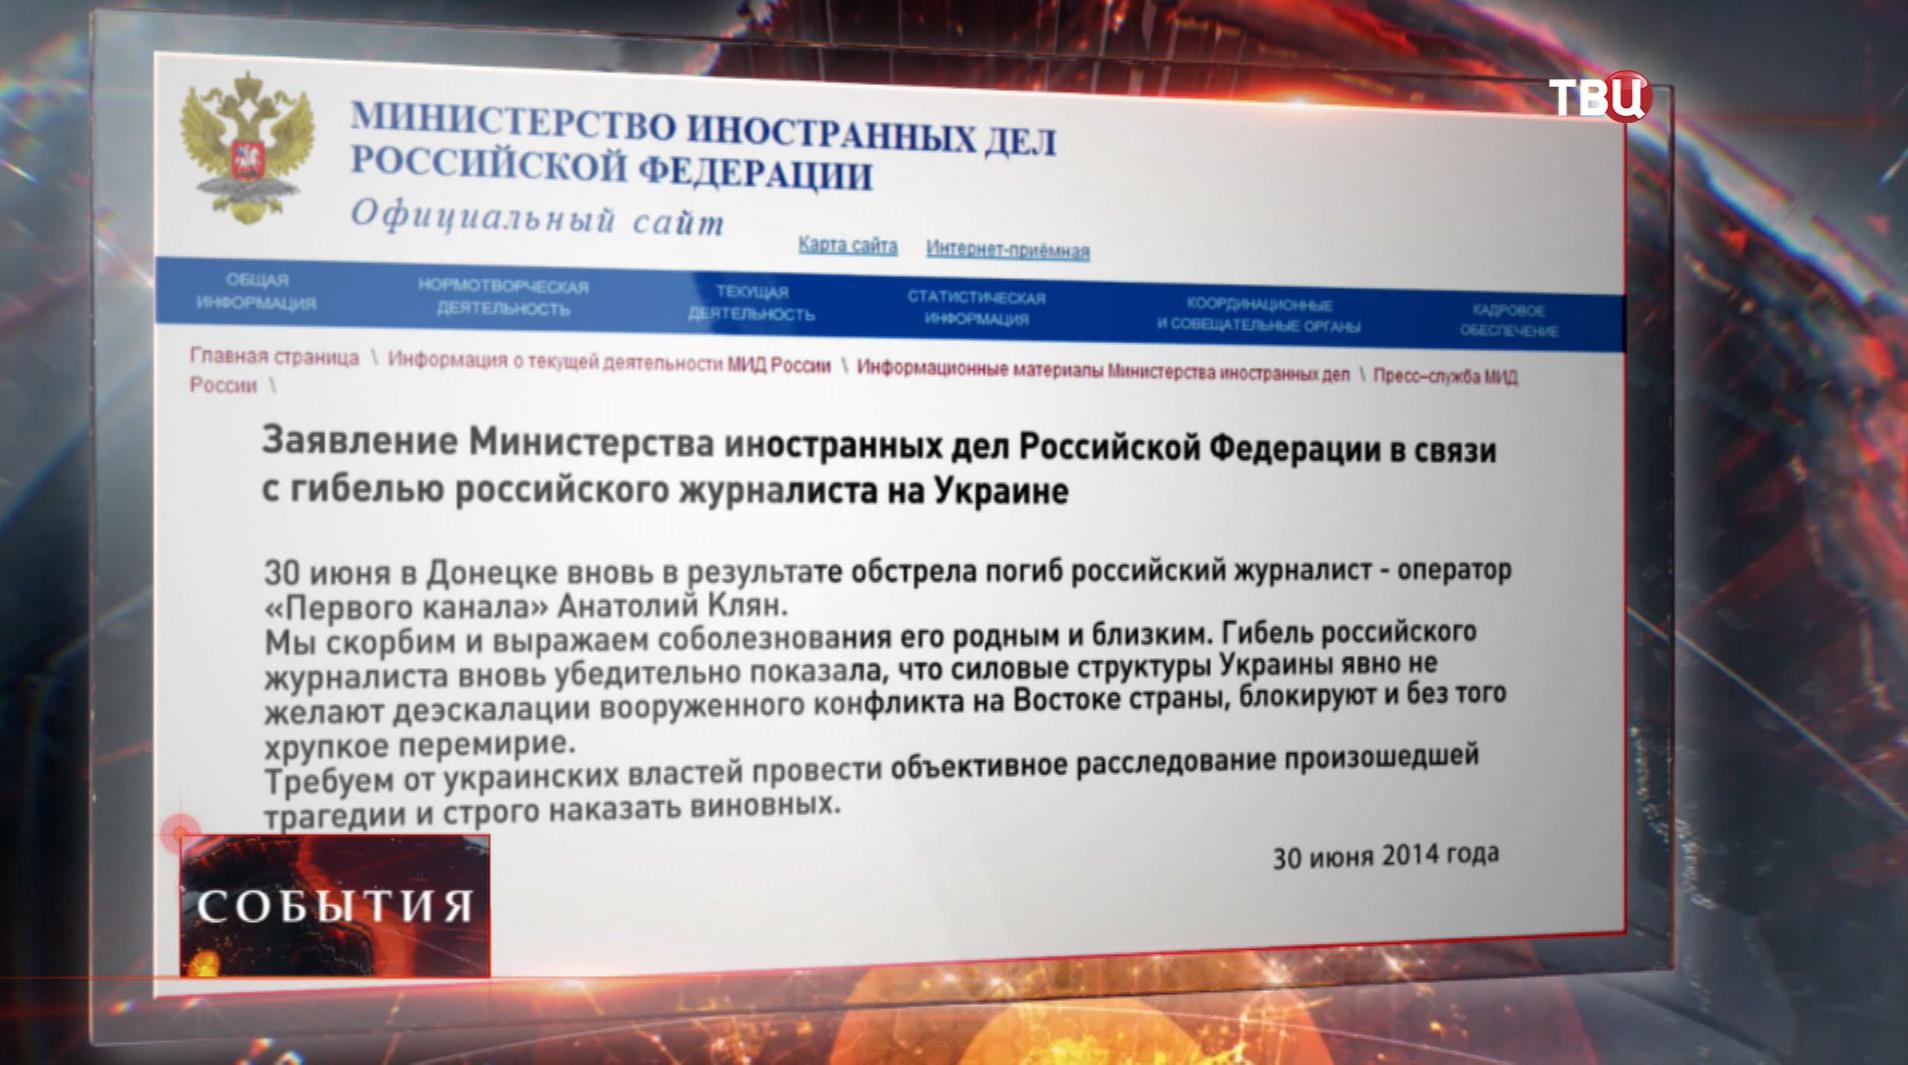 Заявление Министерства иностранных дел РФ в связи с гибелью российского журналиста на Украине